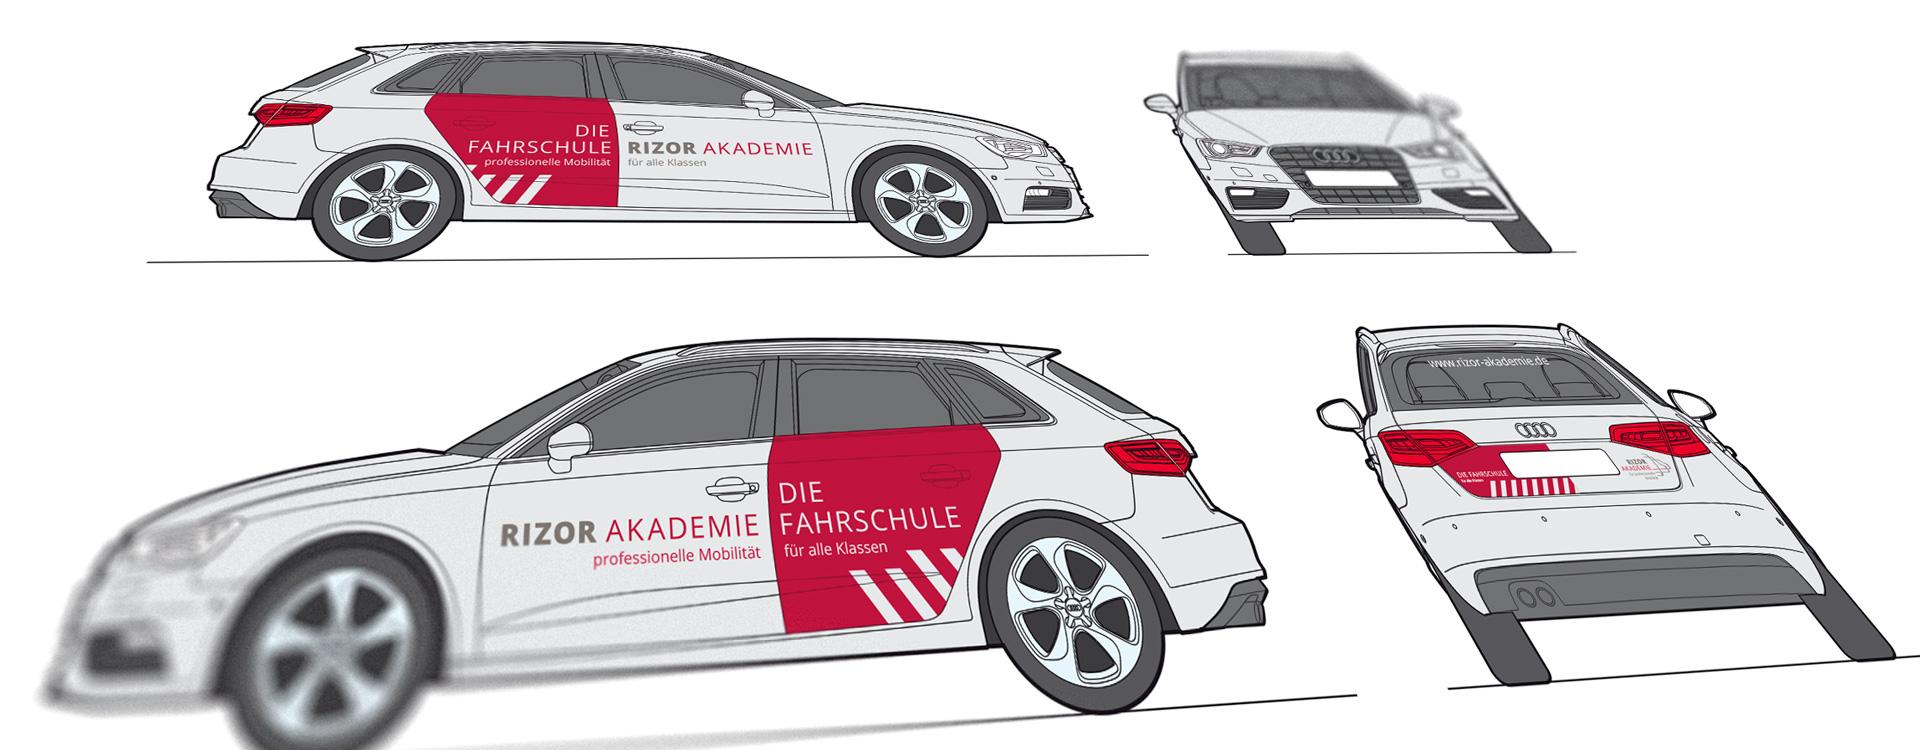 Fahrzeugbeschriftung PKW »Rizor Akademie«